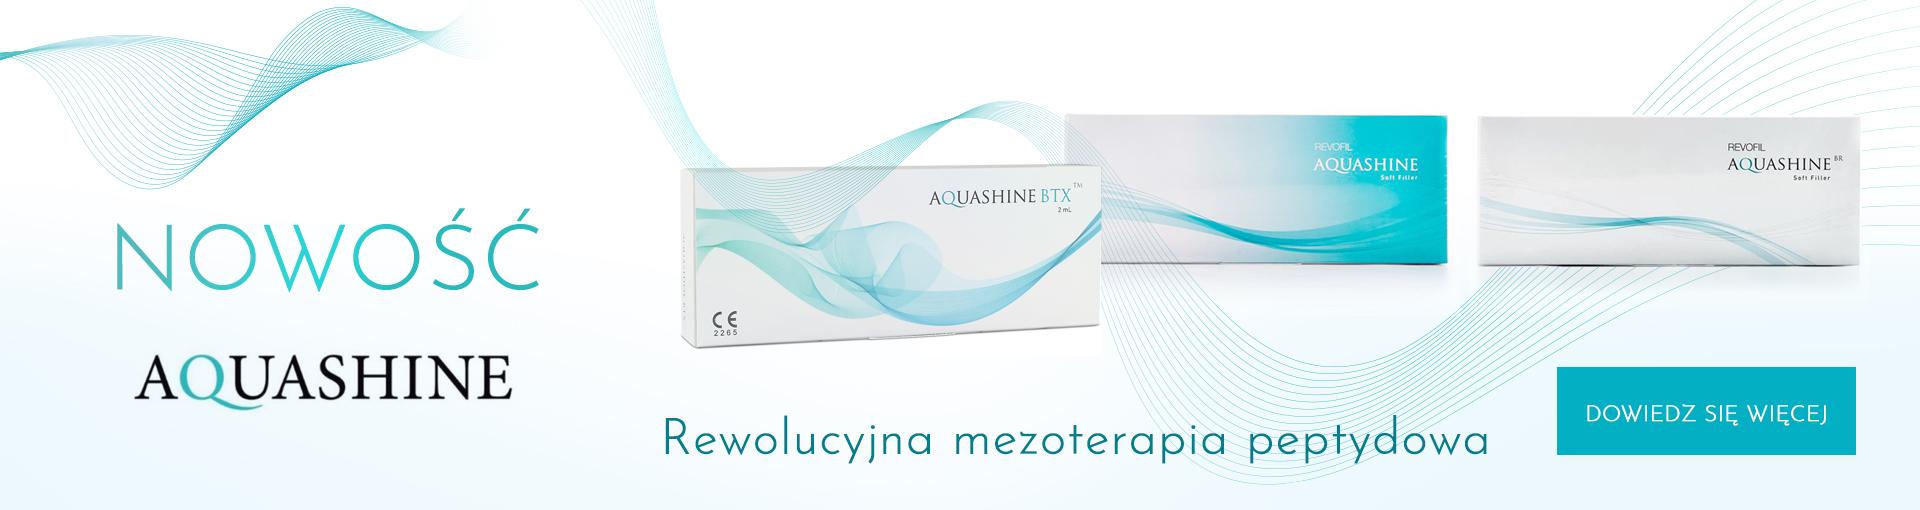 Mezotrapia peptydowa aquashine